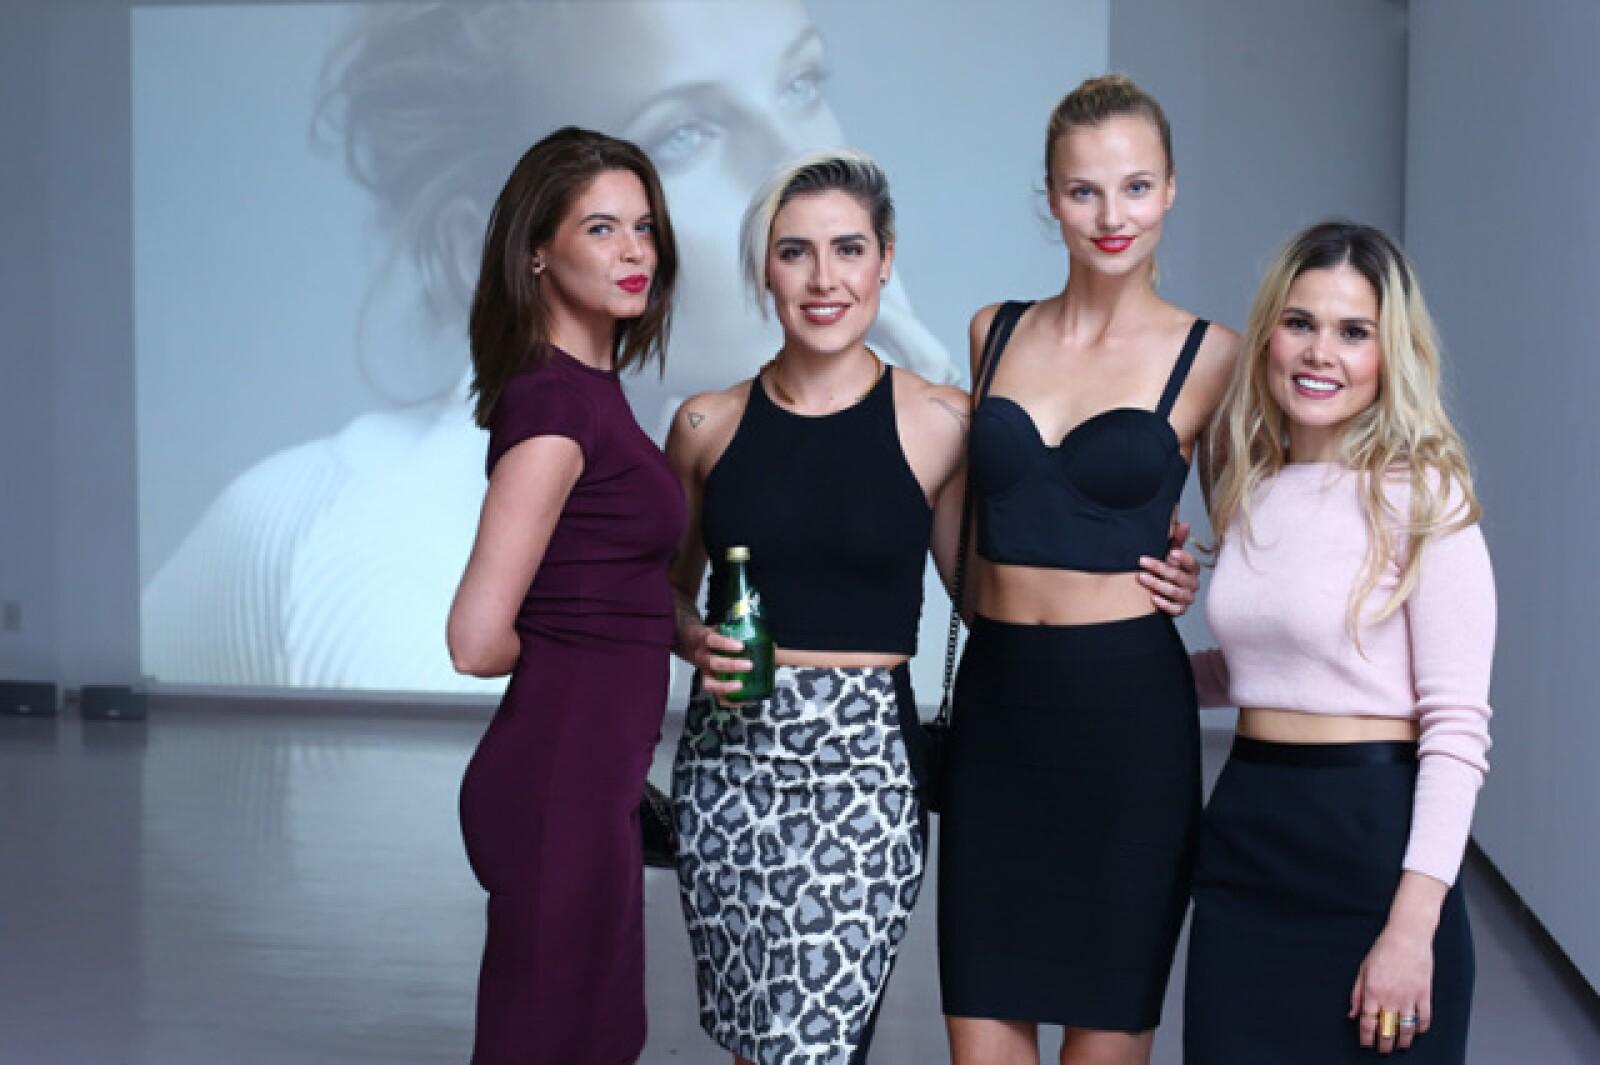 Aldara Salido, Antonieta Fernández, Nadia Murgasova y Mariana Estrada